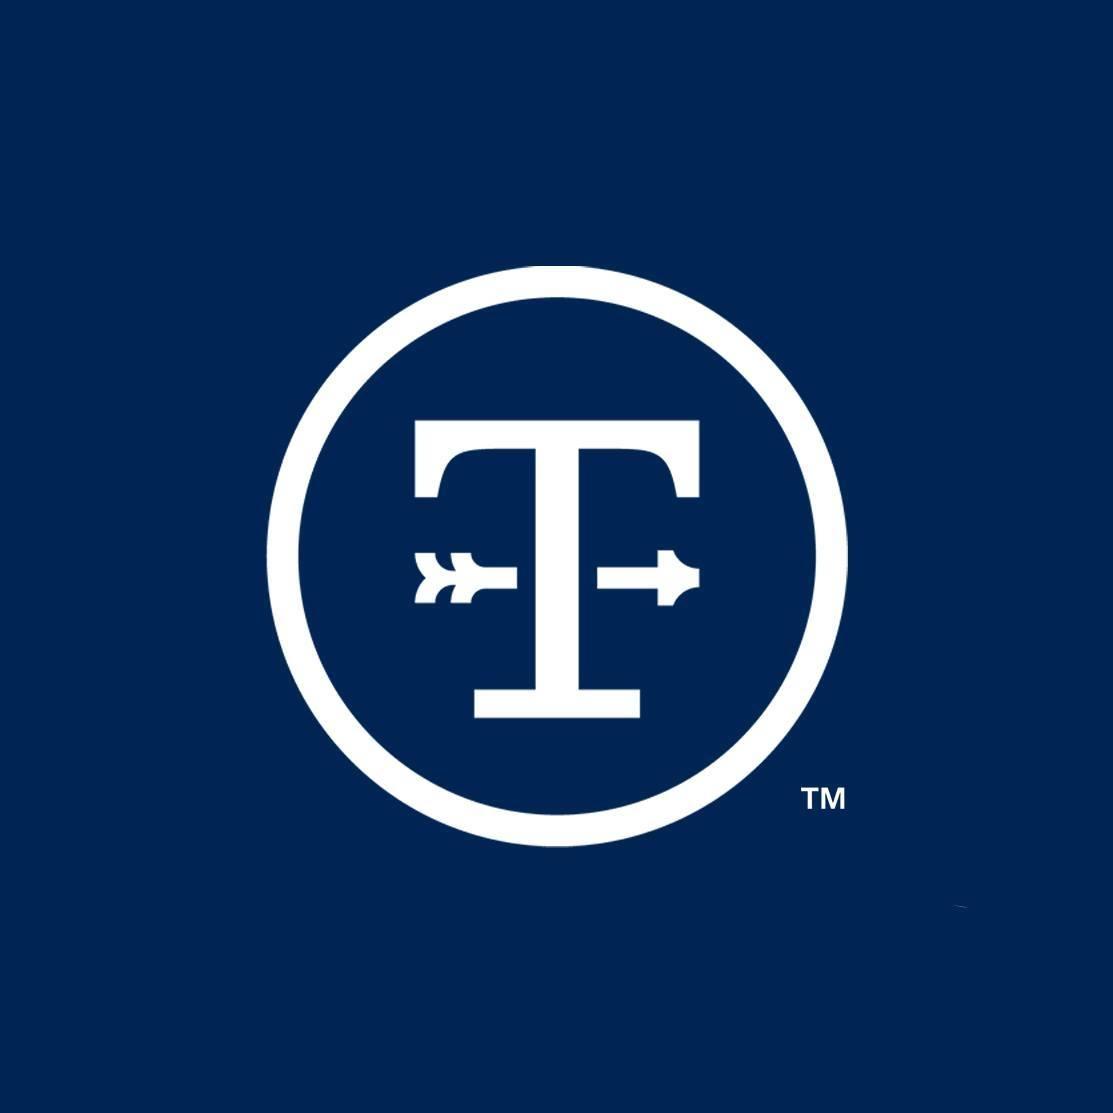 Tyson Foods company logo